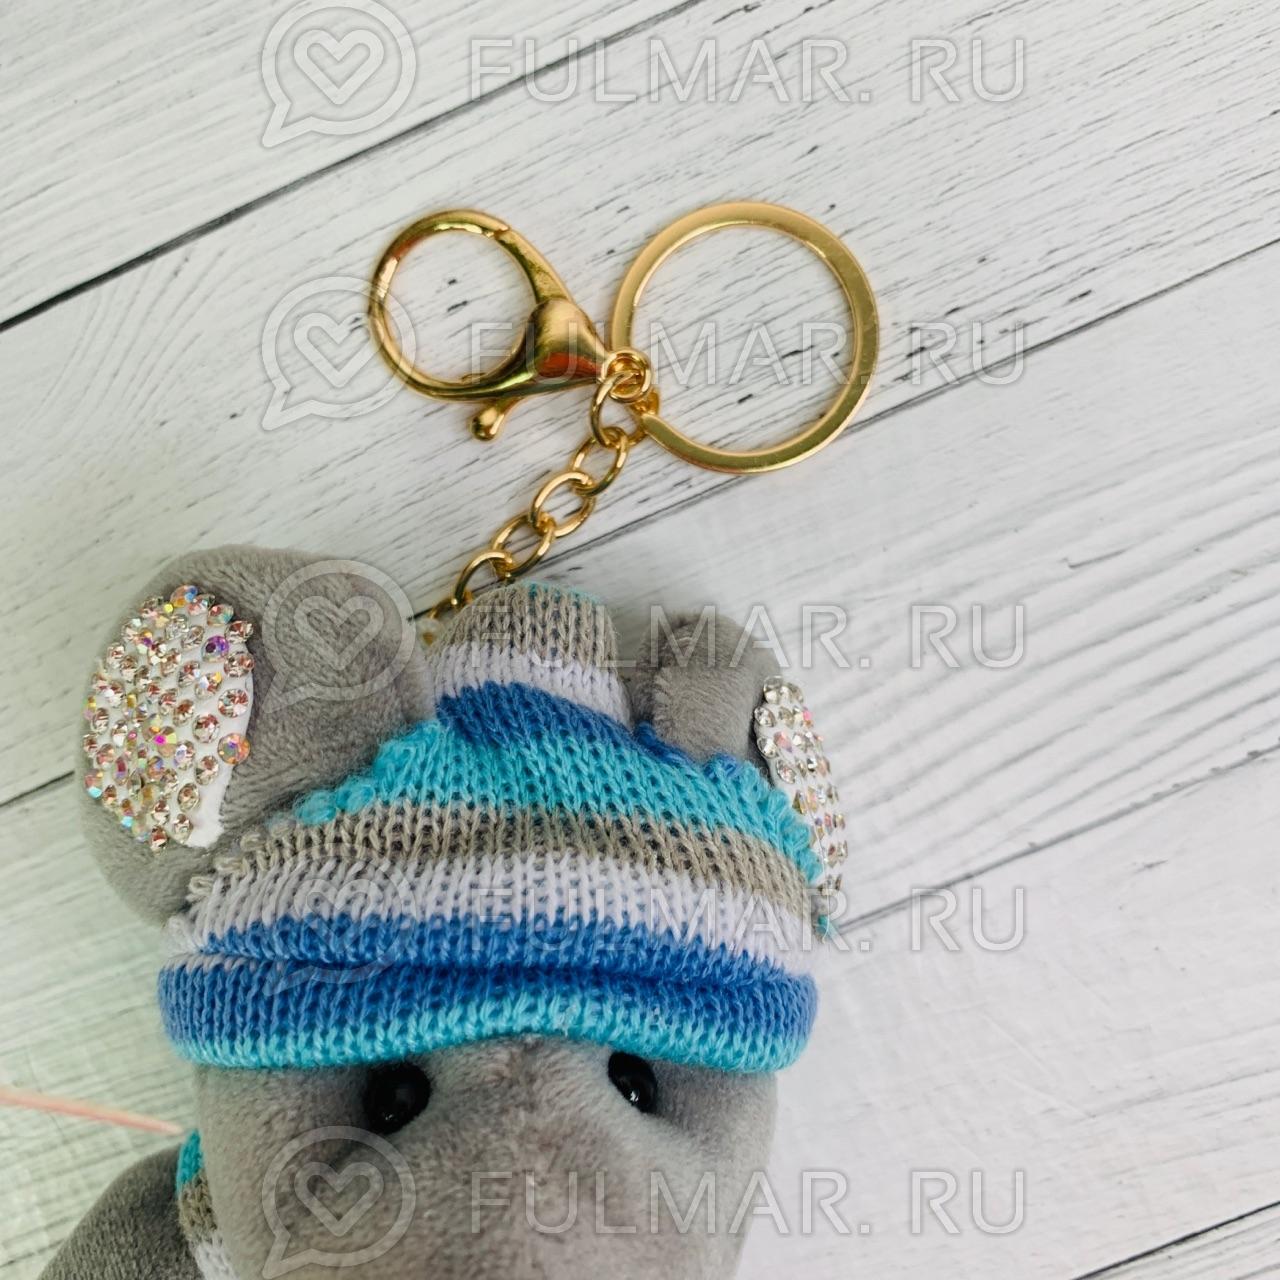 Брелок со стразами Крыска в вязаном костюмчике цвет: серый-голубой